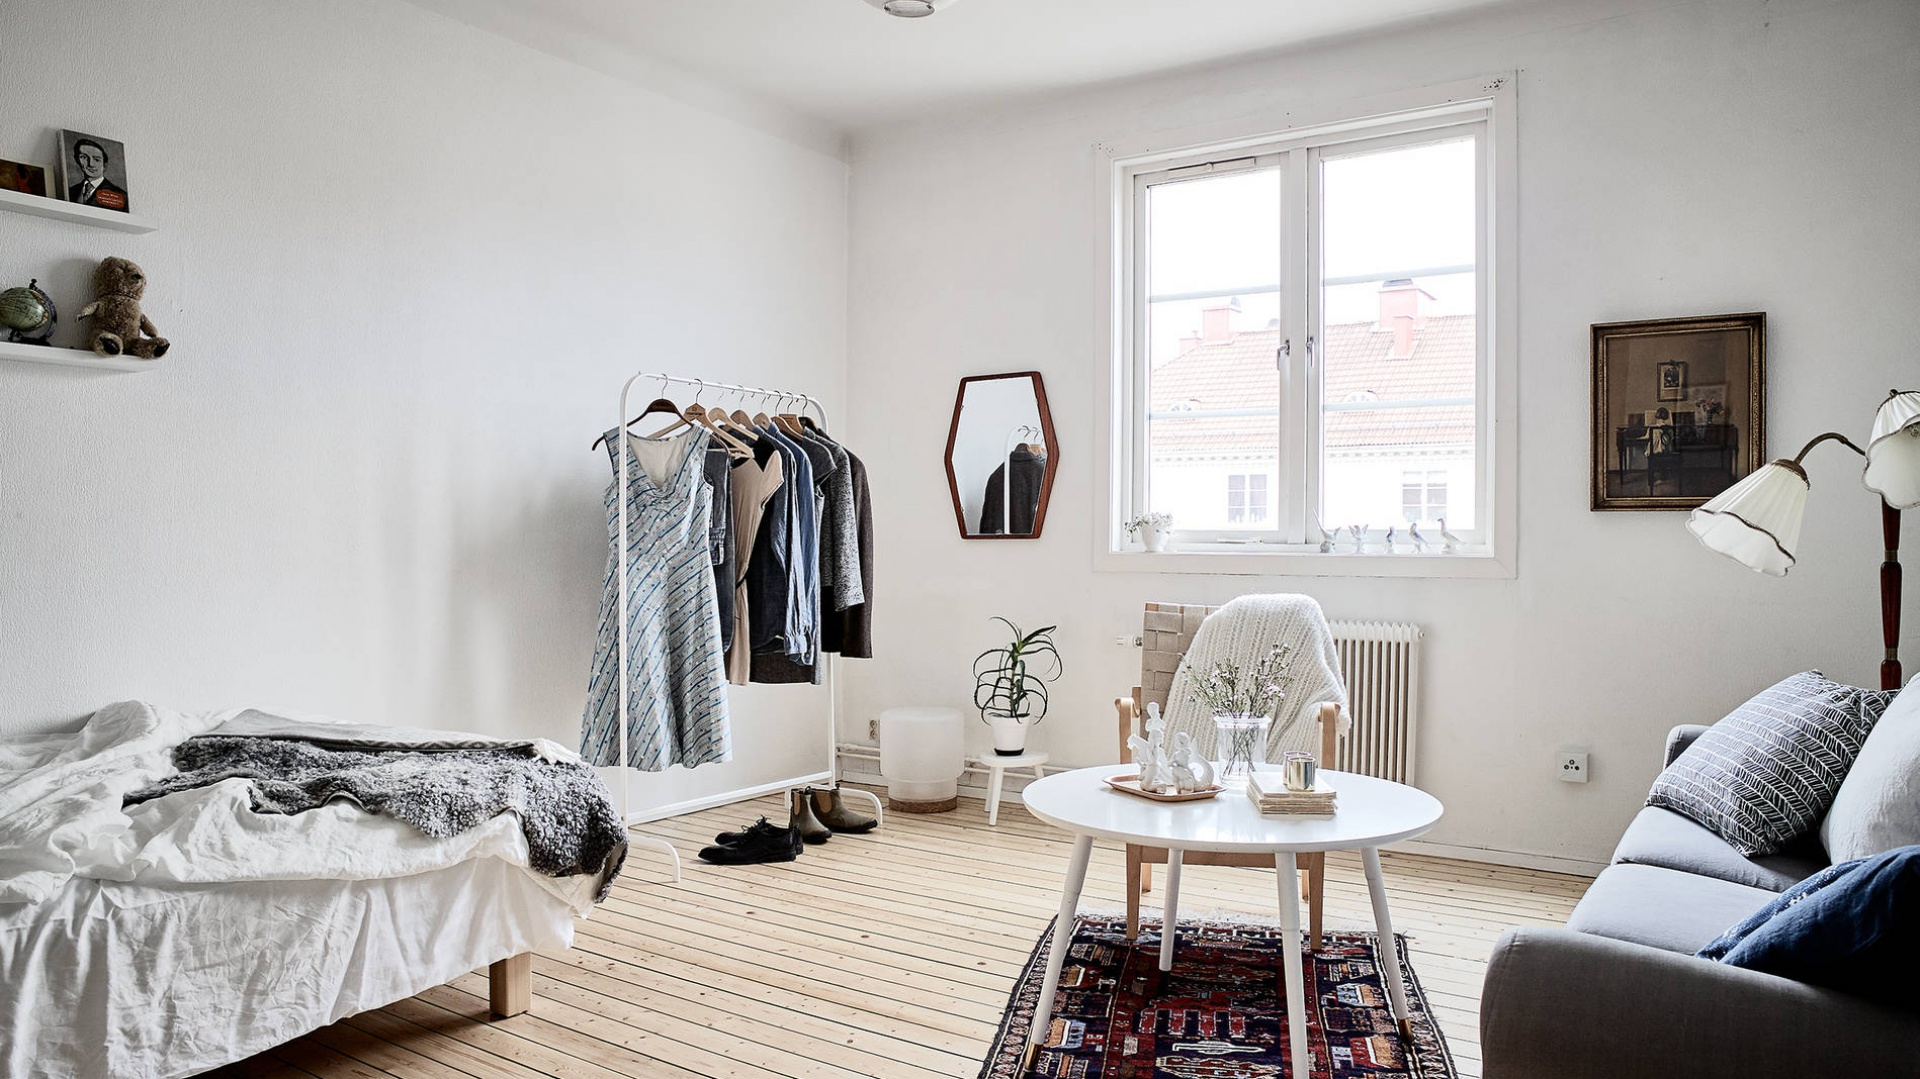 W kąciku pomieszczenia urządzono niewielką garderobę. Fot. Janne Olander/Stadshem.se.